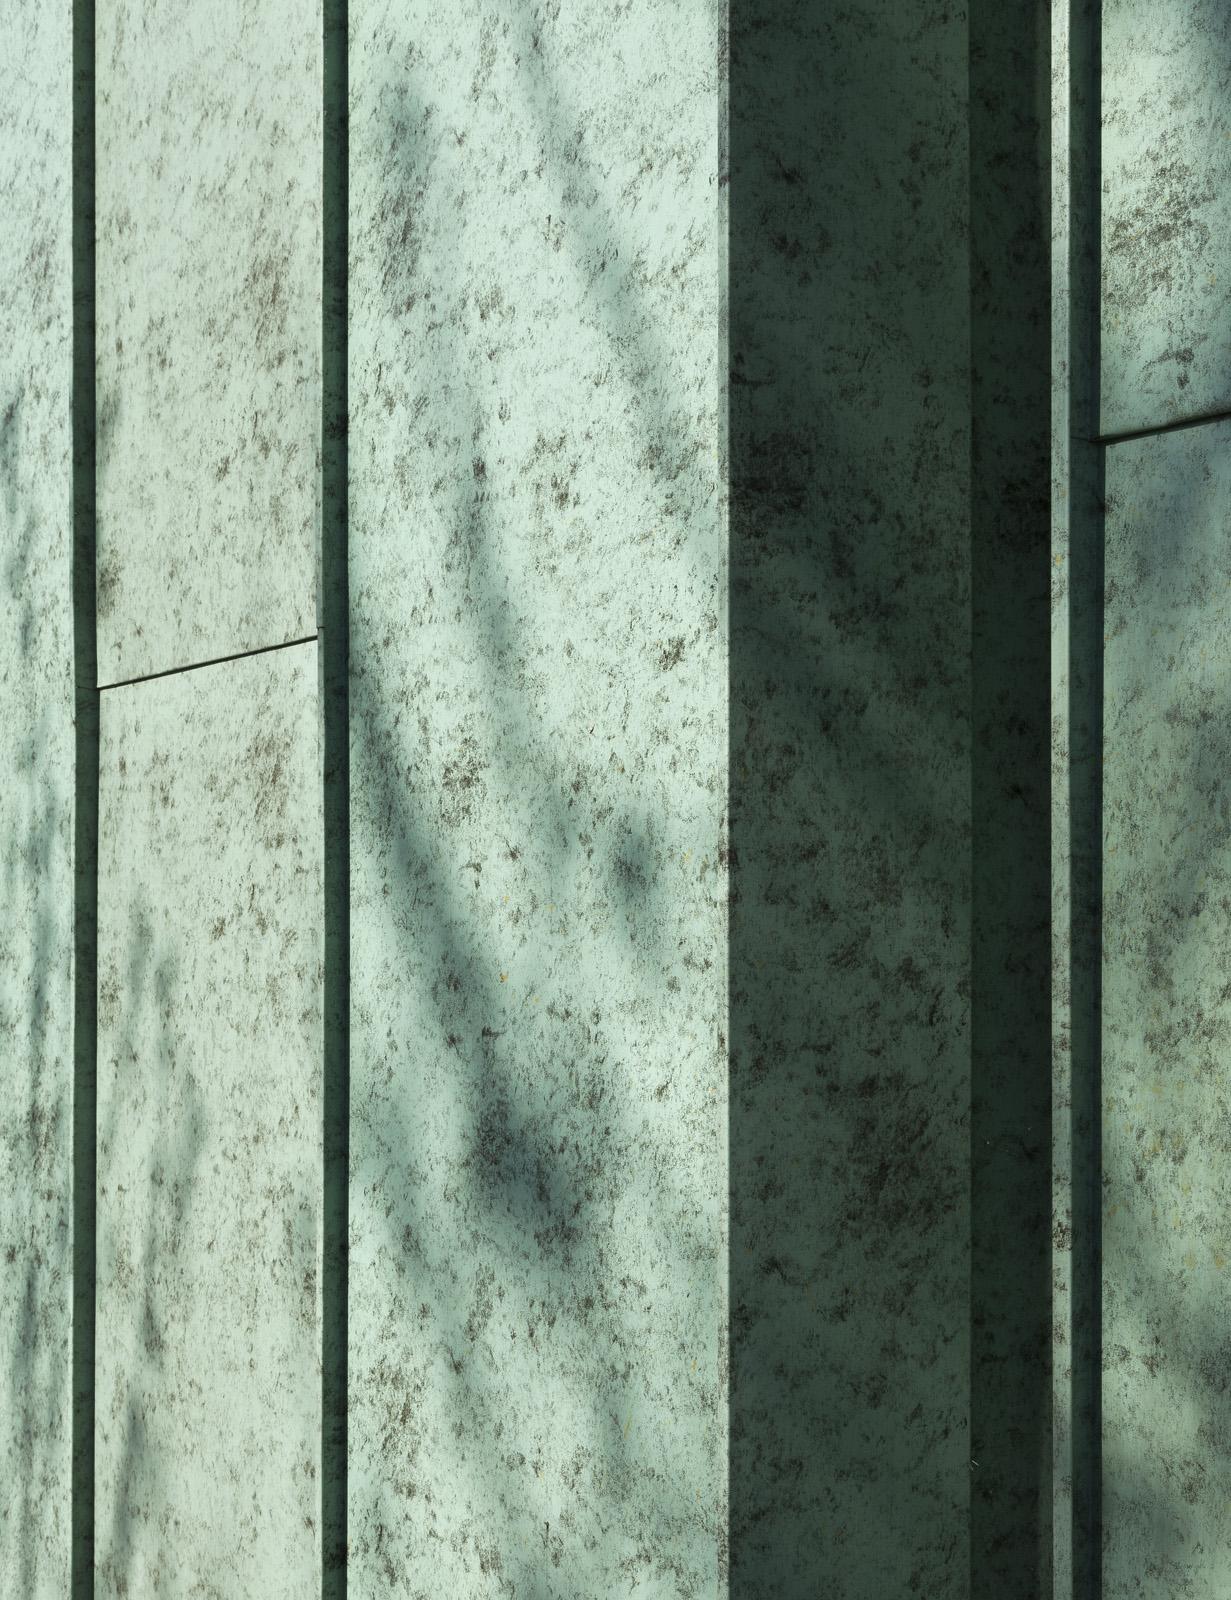 Andrea Bosio, Architecture photography, fotografia architettura, Grigò